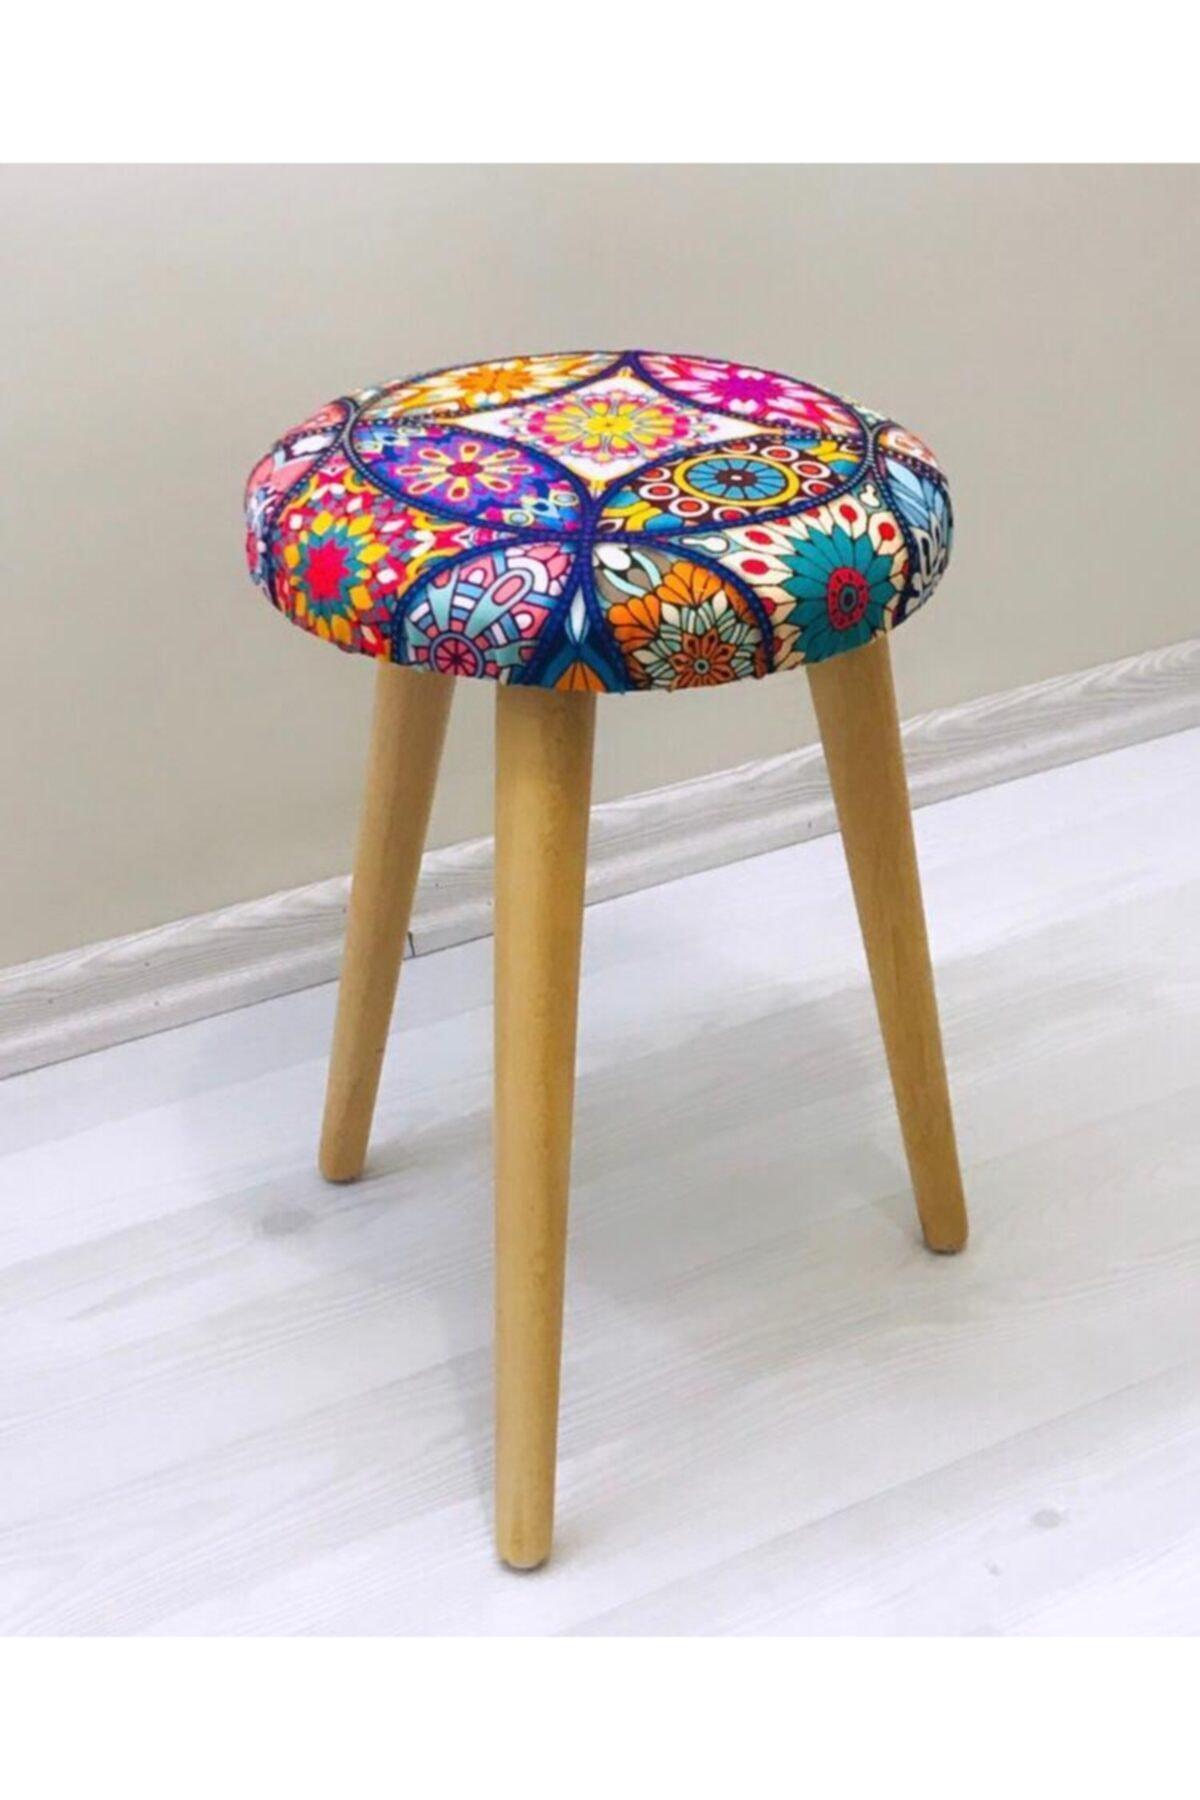 Ahşap Ayak Dekoratif Etnik Desenli Puf Tabure Bench Yuvarlak Koltuk Sandalye